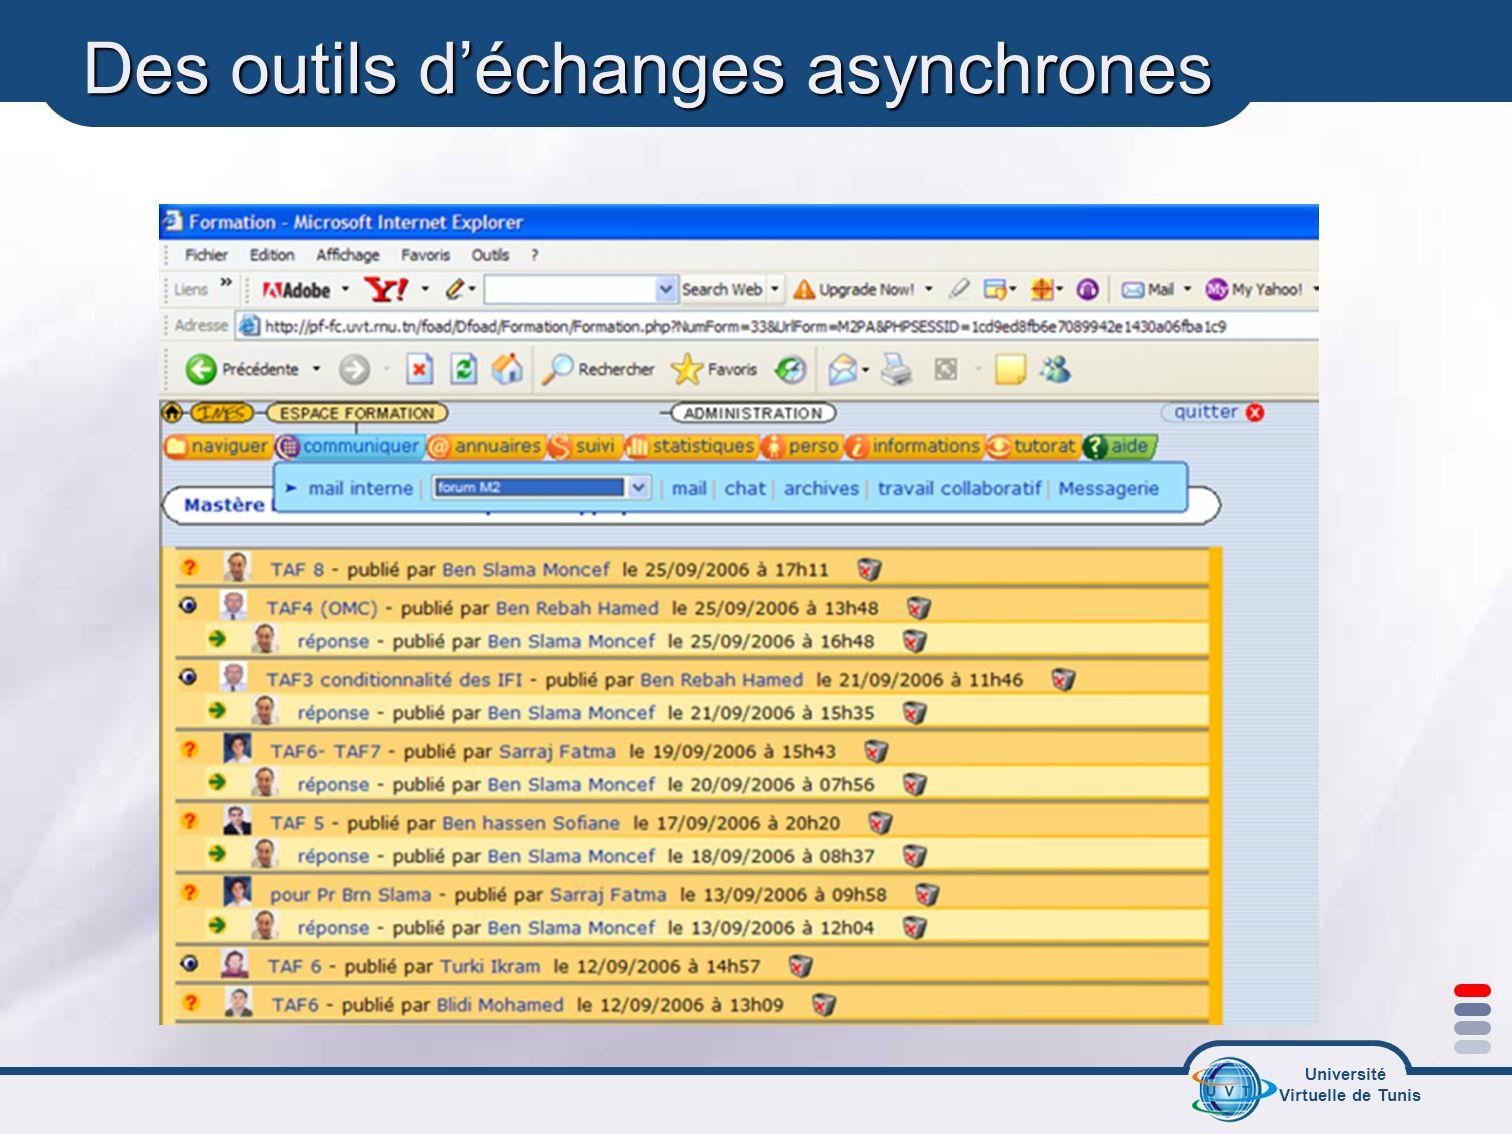 Des outils d'échanges asynchrones